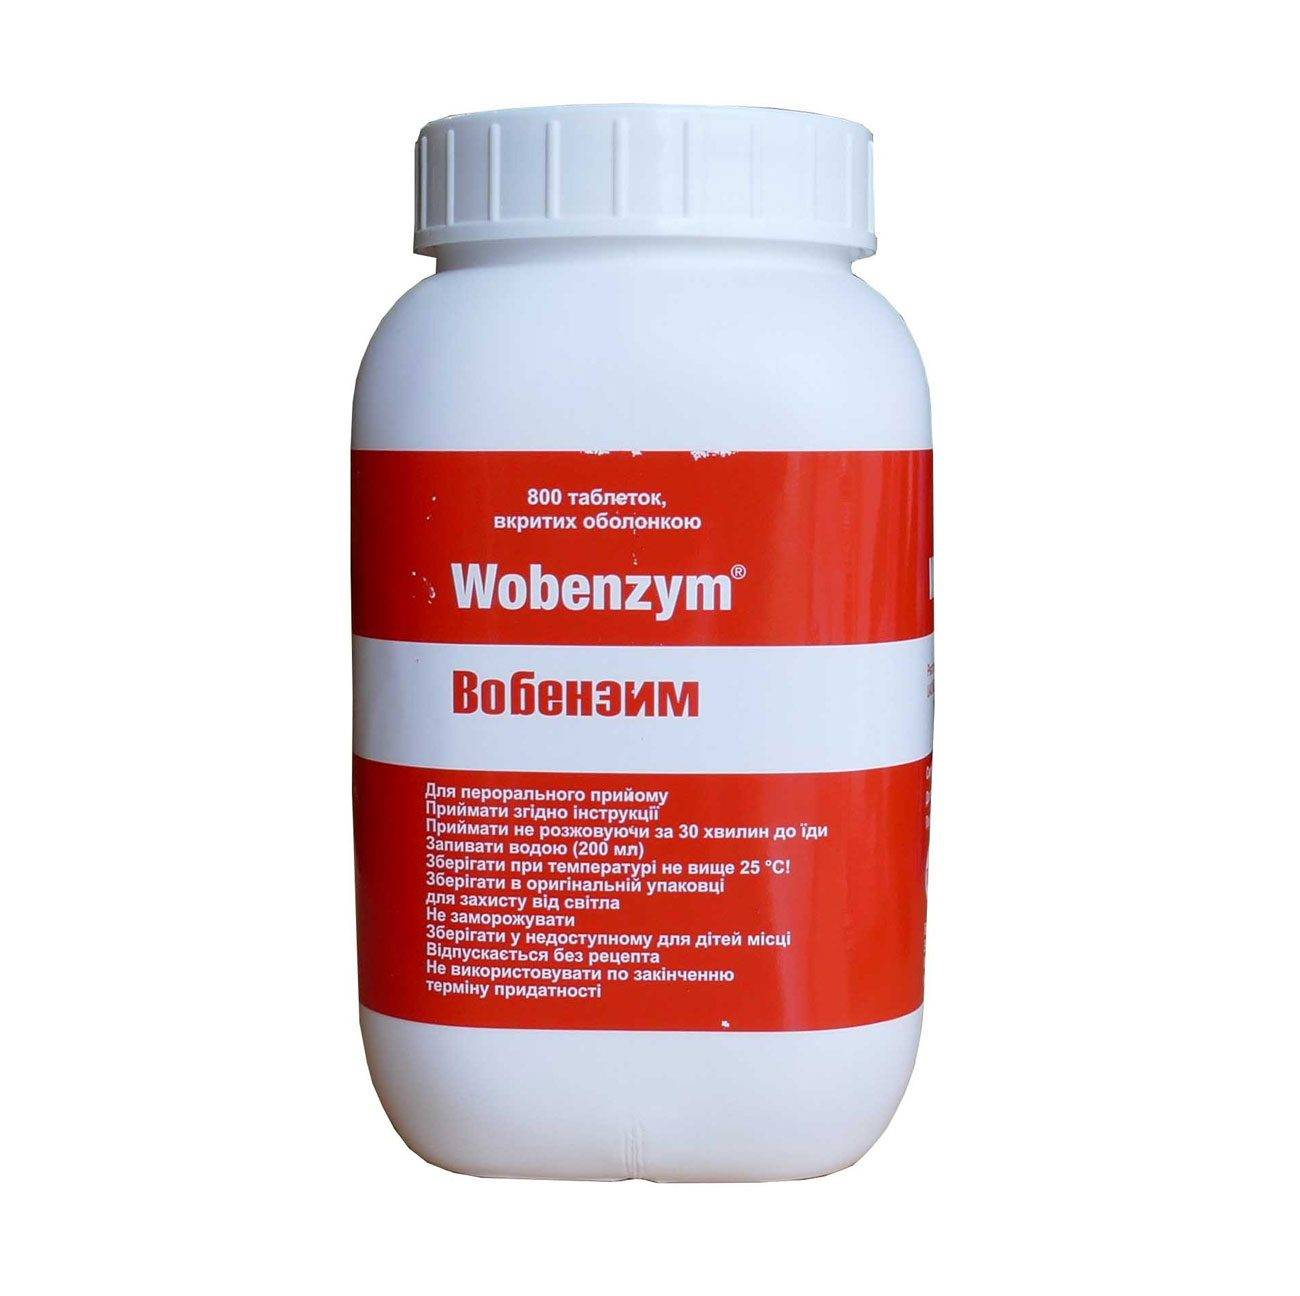 Вобэнзим: инструкция по применению, аналоги препарата